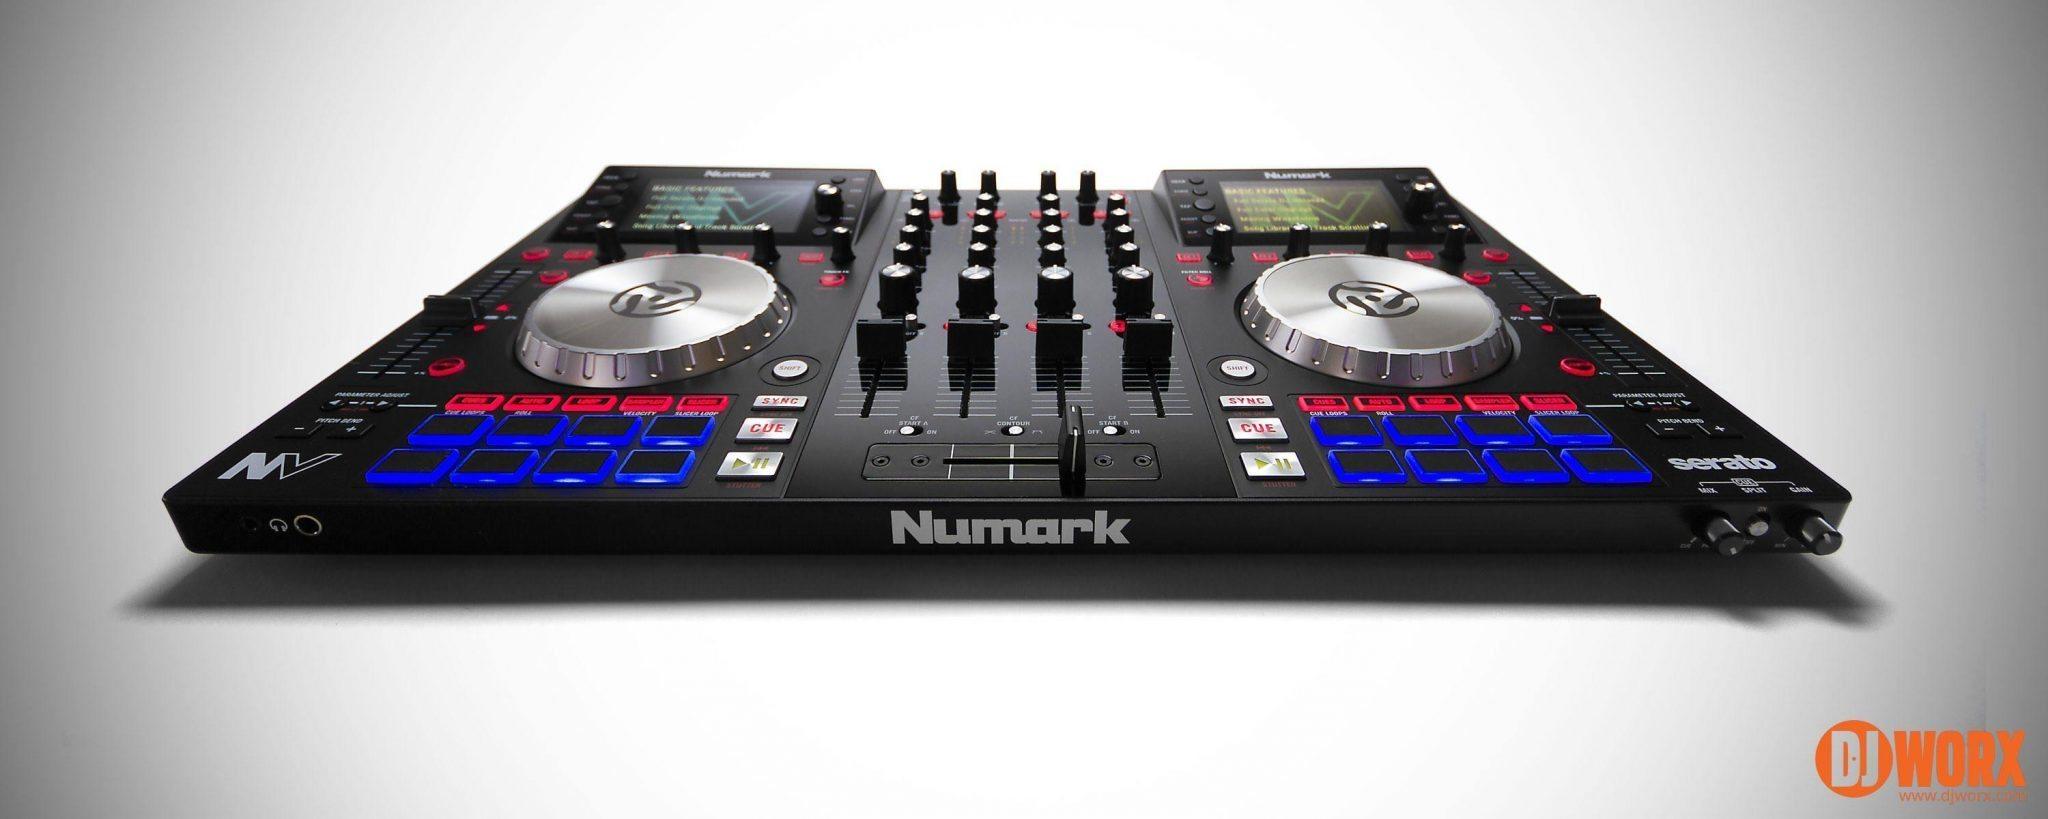 Numark NV Serato DJ controller review (2)